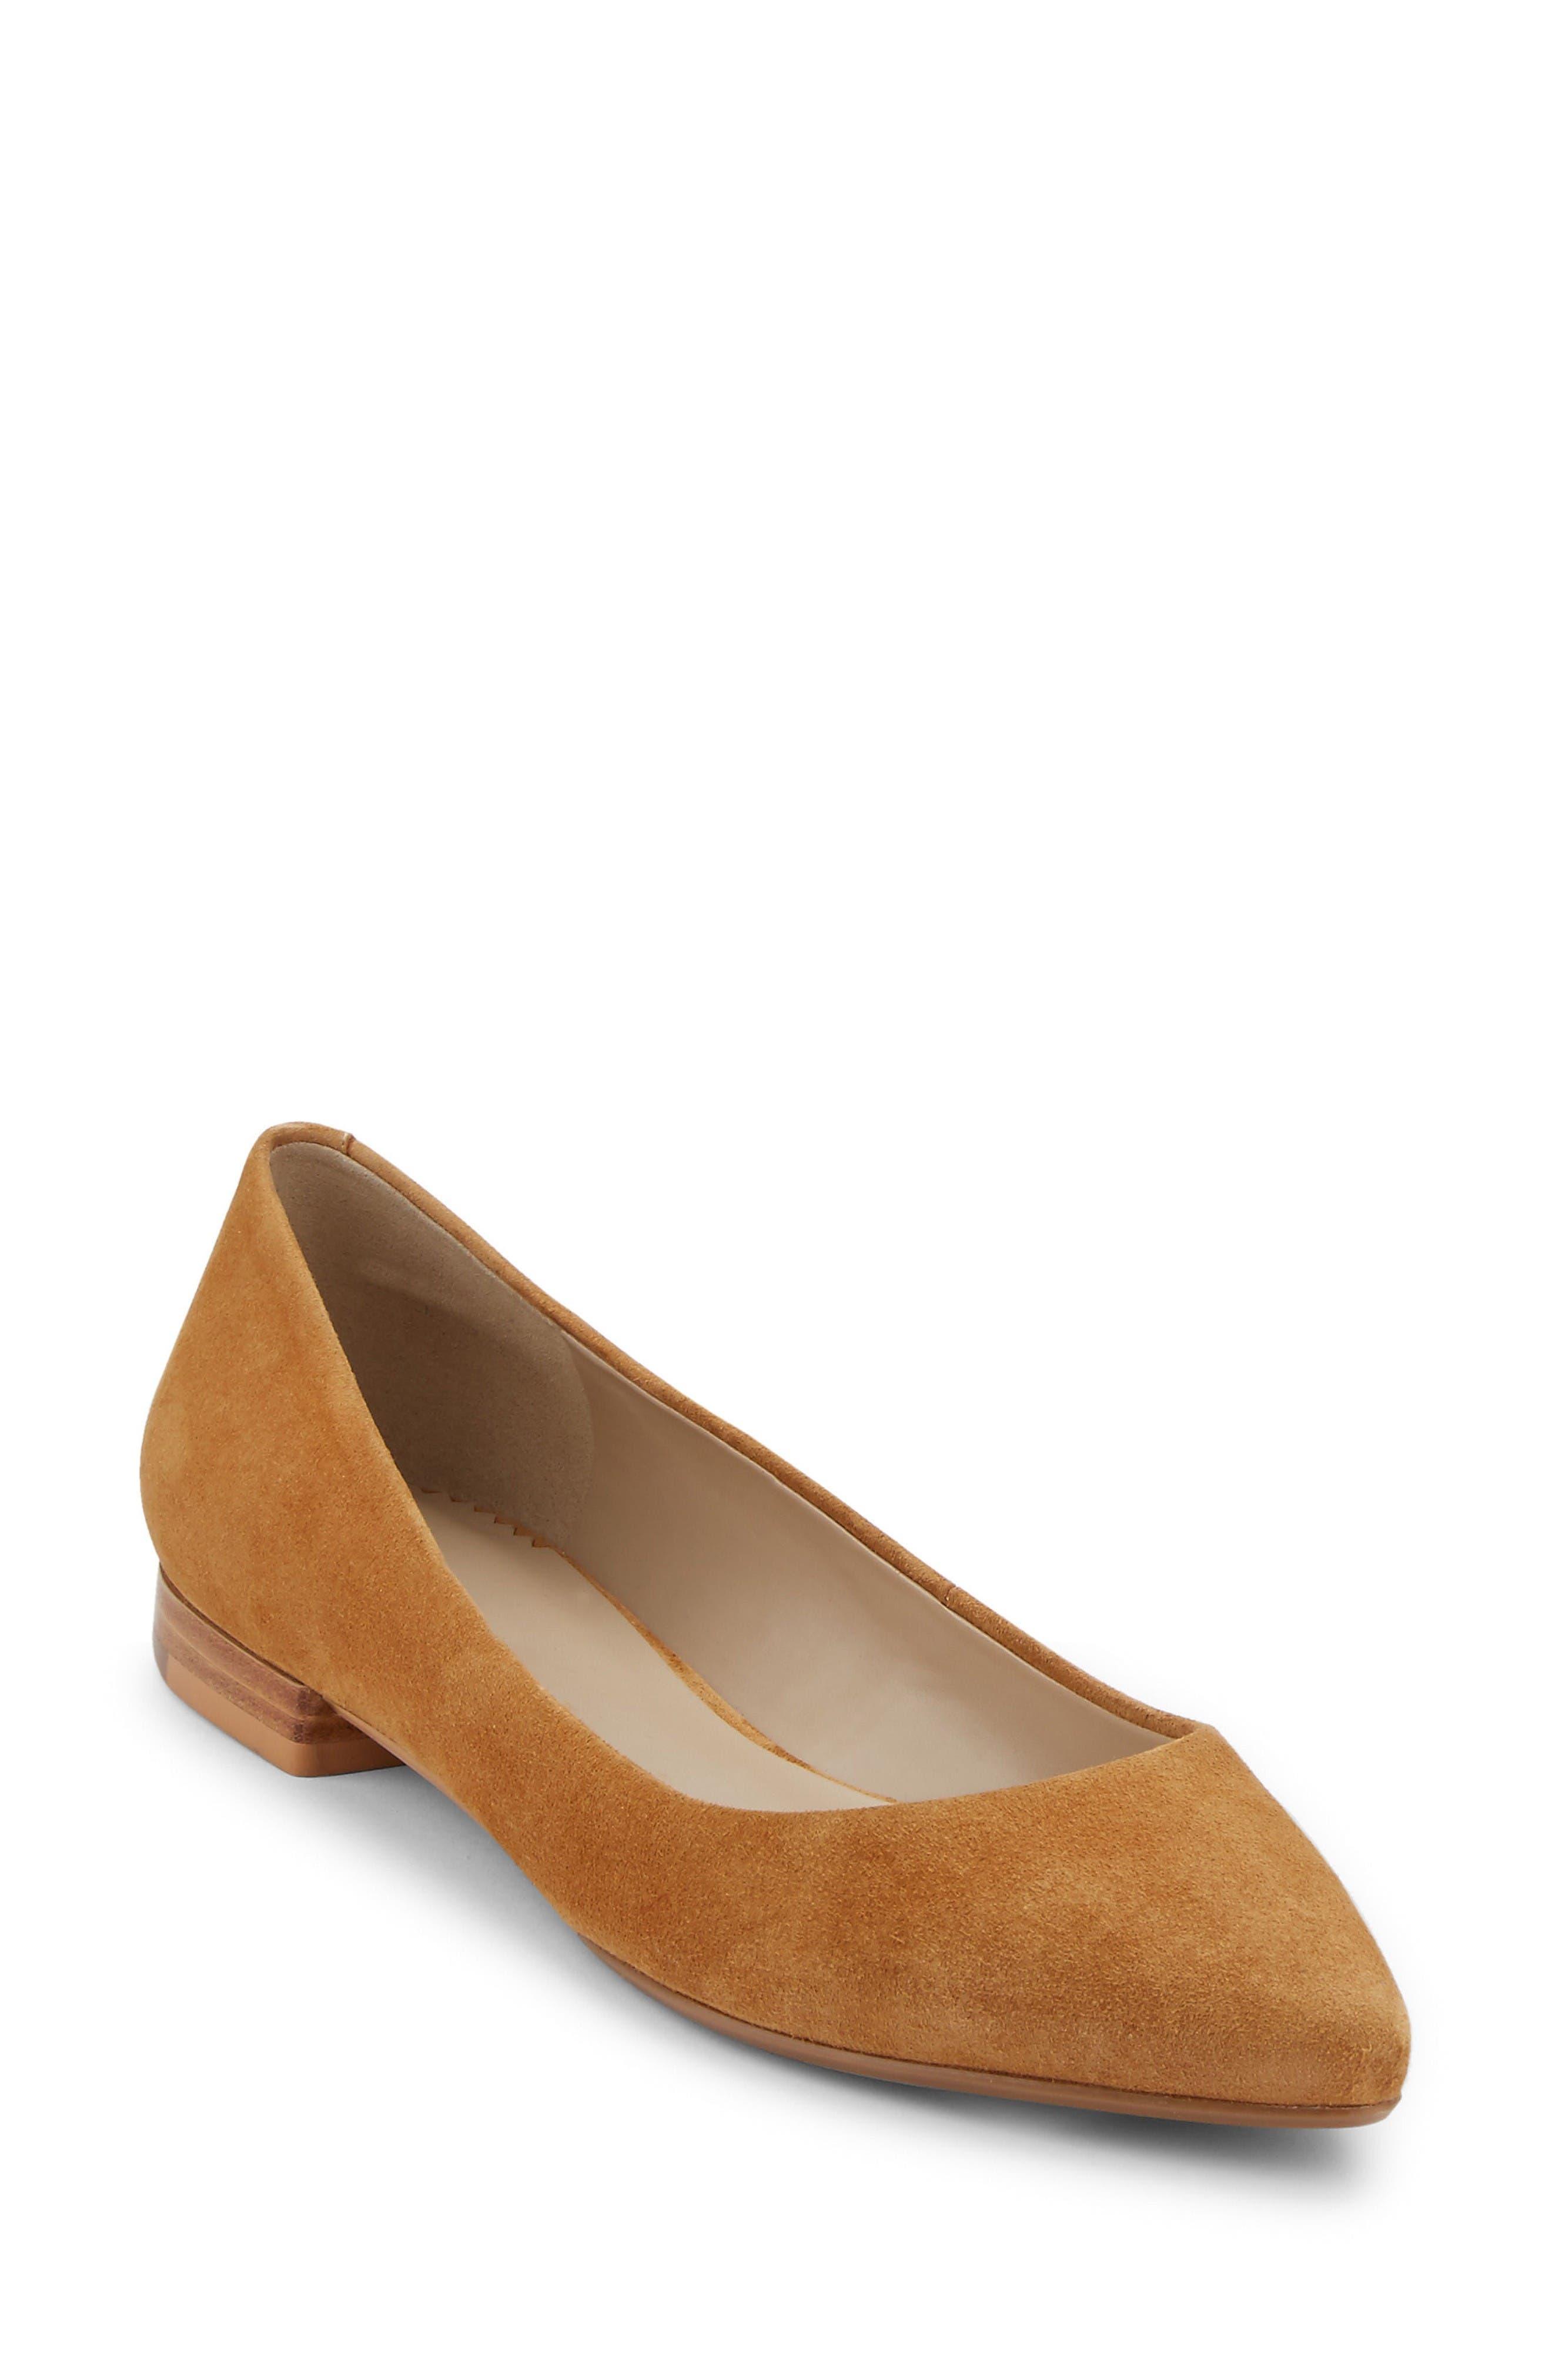 Main Image - G.H. Bass & Co. Kayla Pointy Toe Flat (Women)